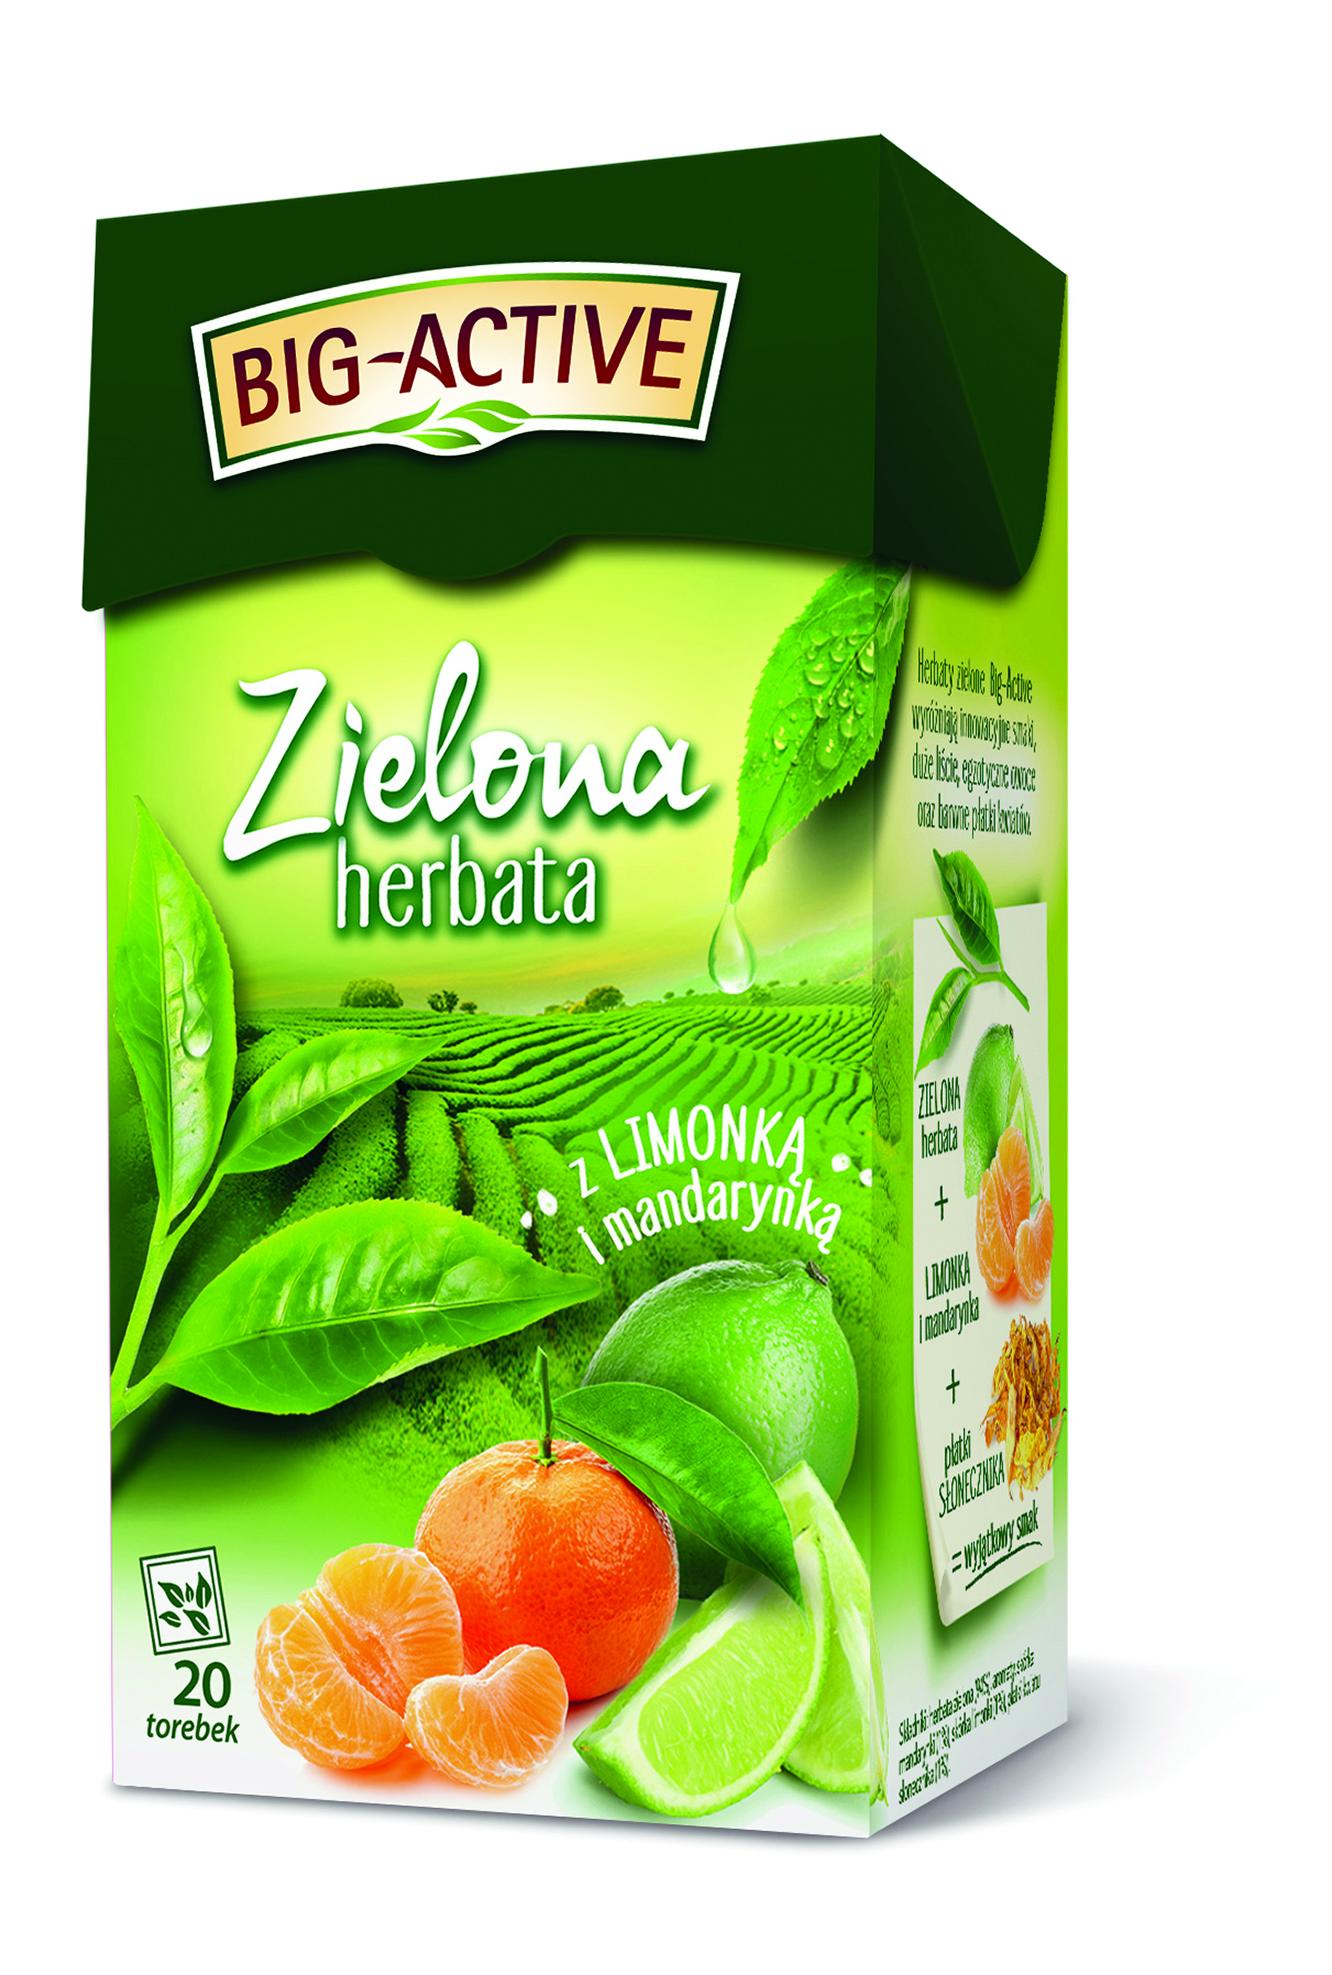 Wystartowała kampania reklamowa herbat zielonych Big-Active